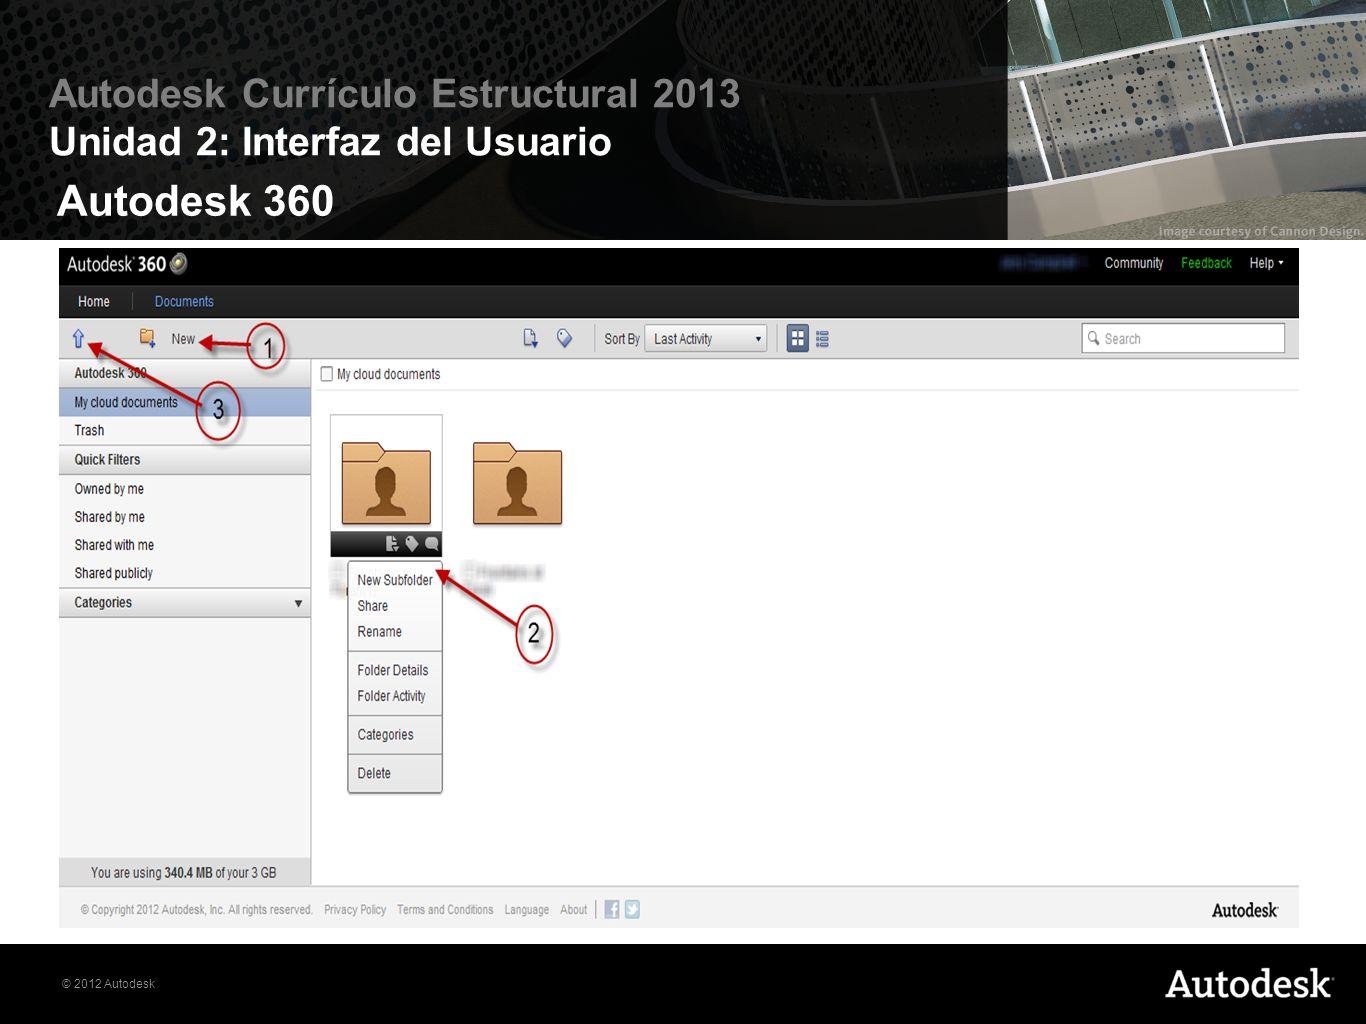 Autodesk 360 El icono Crear nueva carpeta le permite agregar y organizar proyectos en con secuencia.